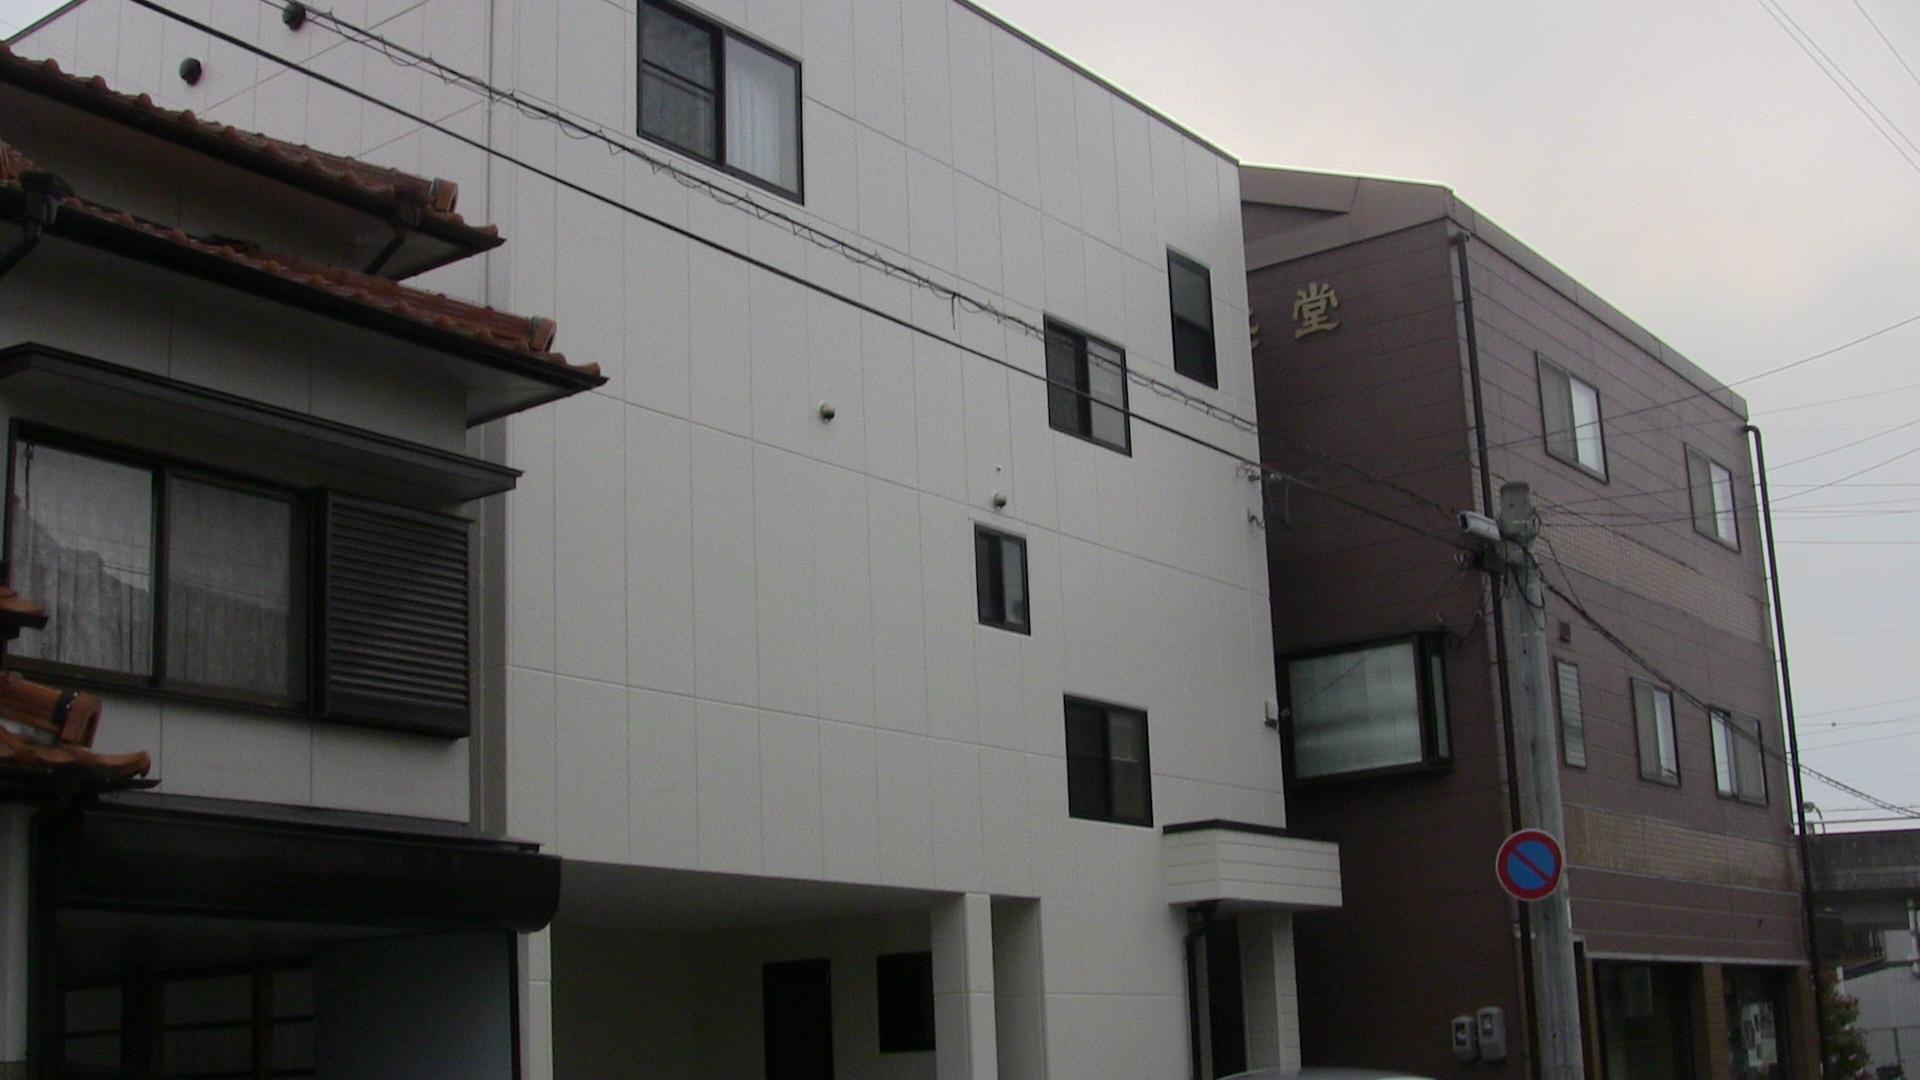 岐阜塗装センター施工実績写真 岐阜市西荘 H様邸 外壁塗装・防水工事